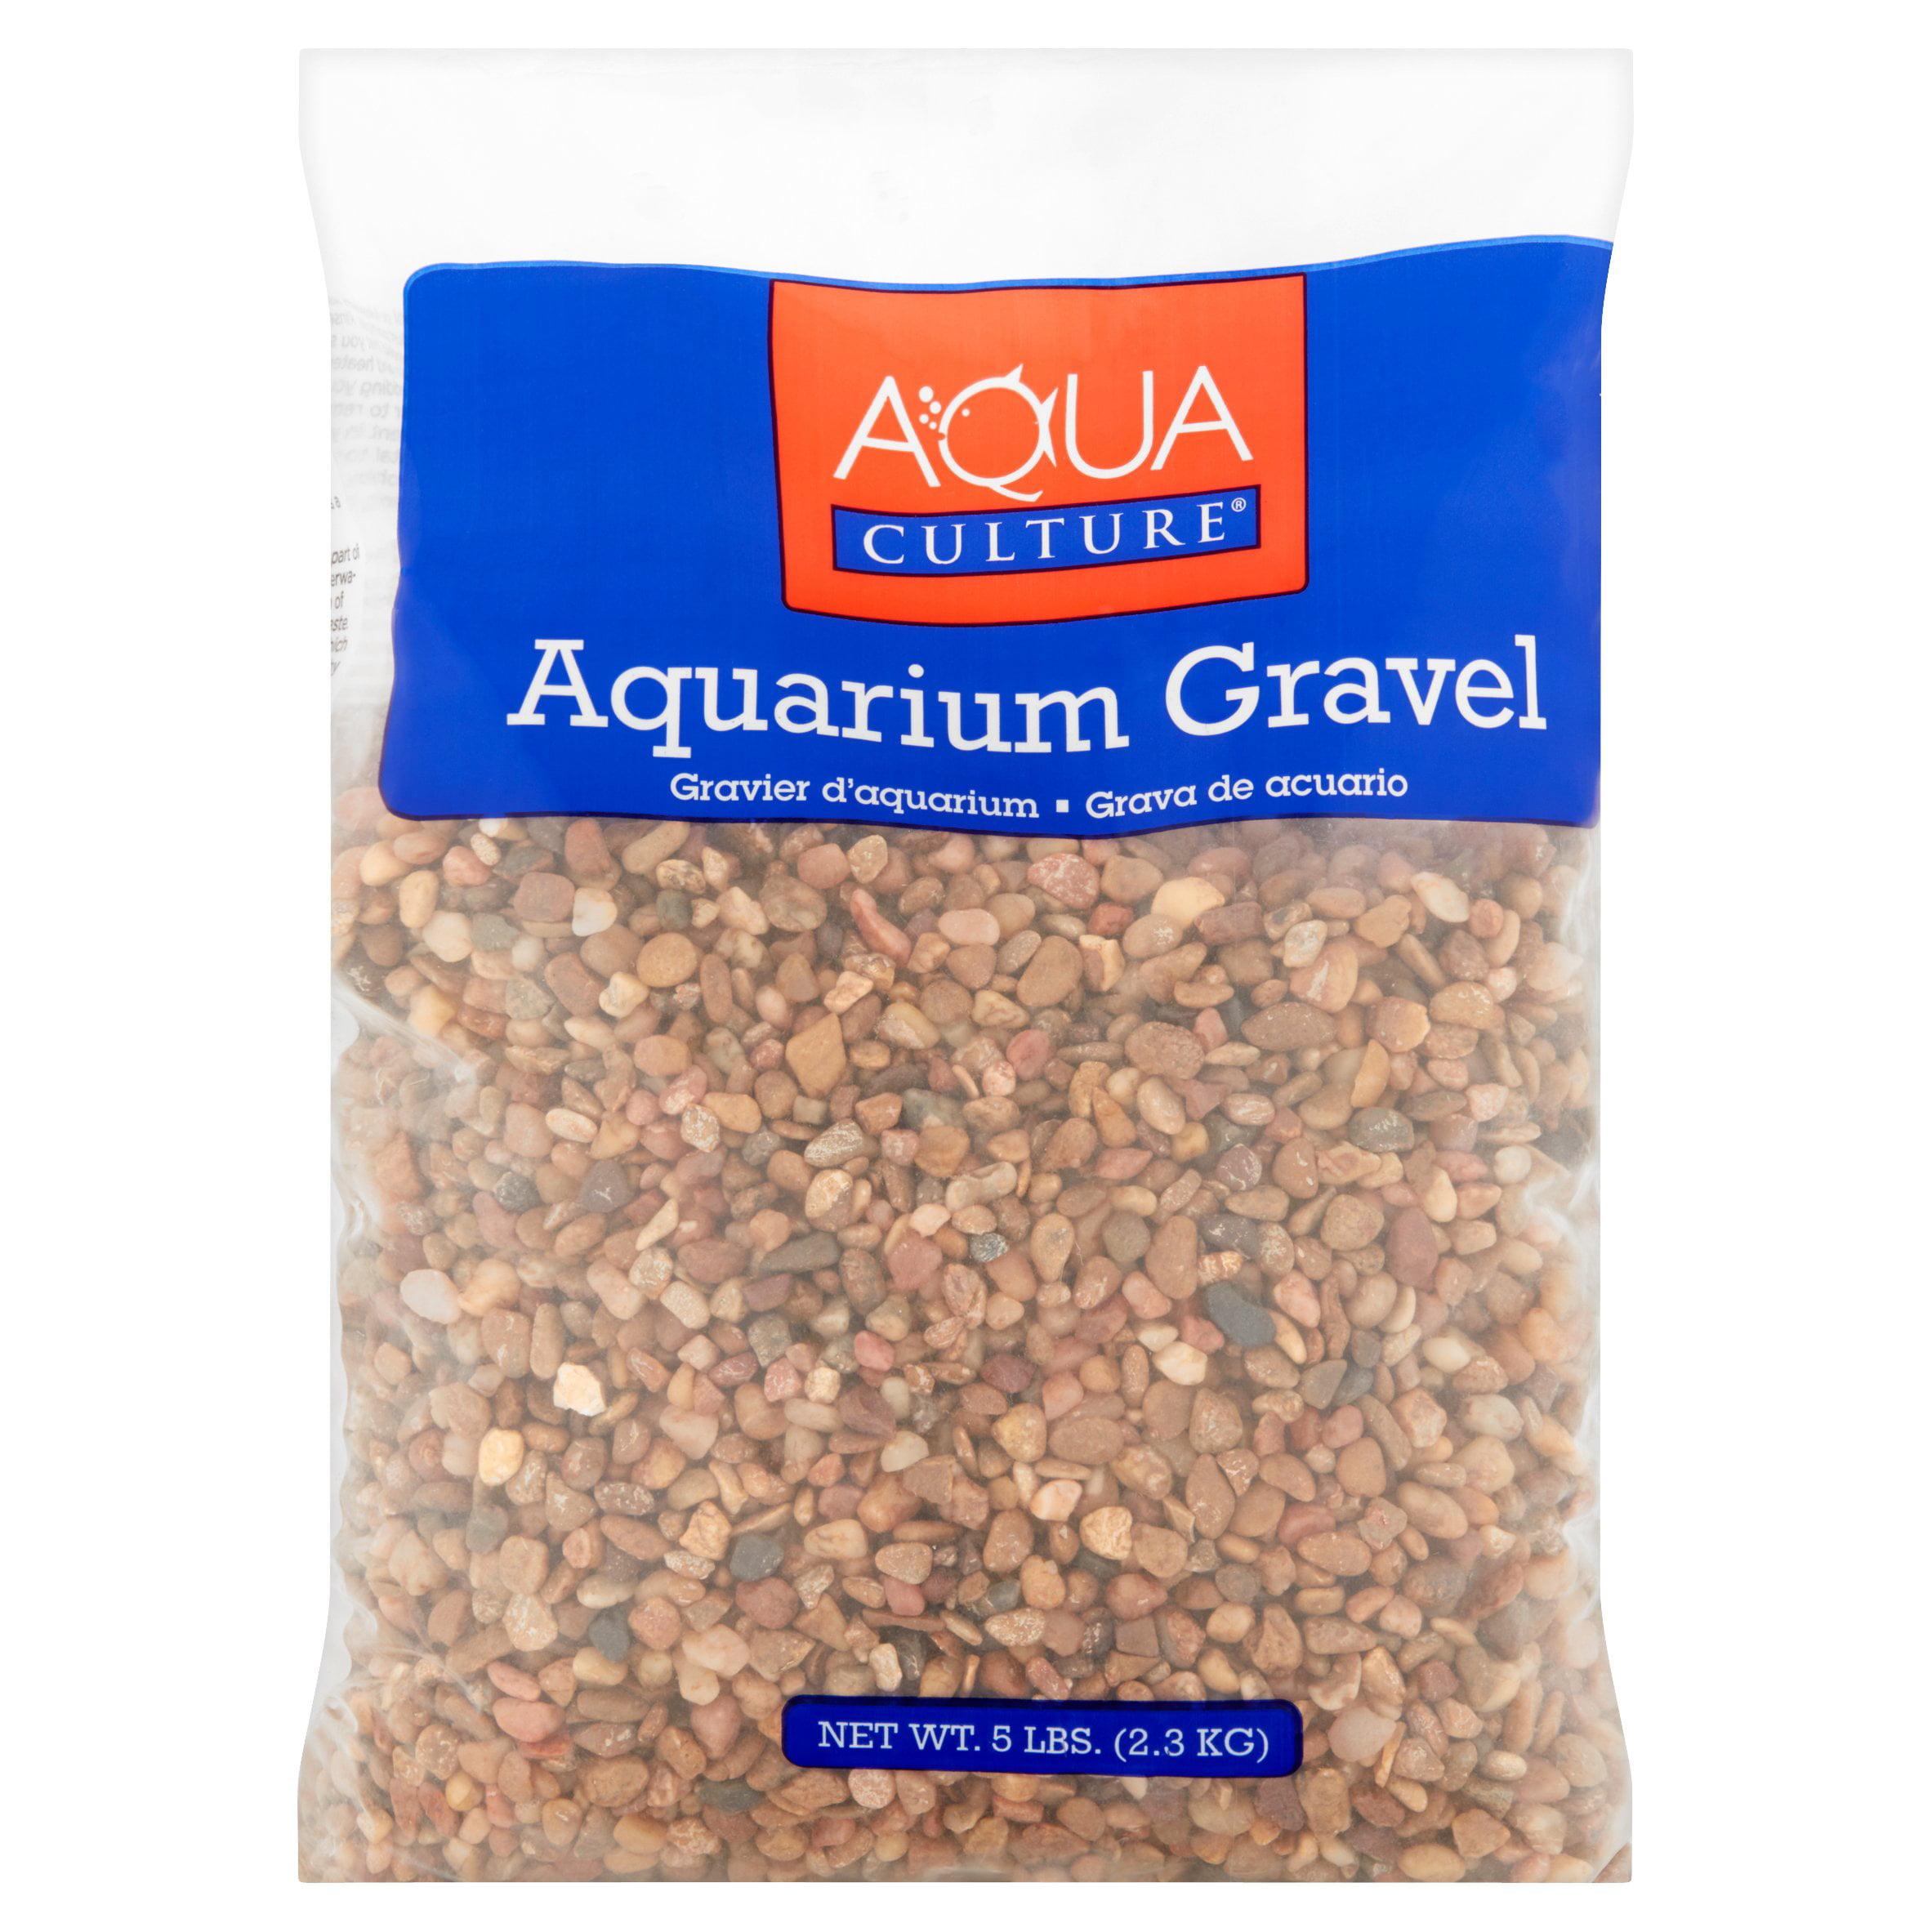 Aqua Culture Co Small Pebbles Aquarium Gravel 5 Lbs